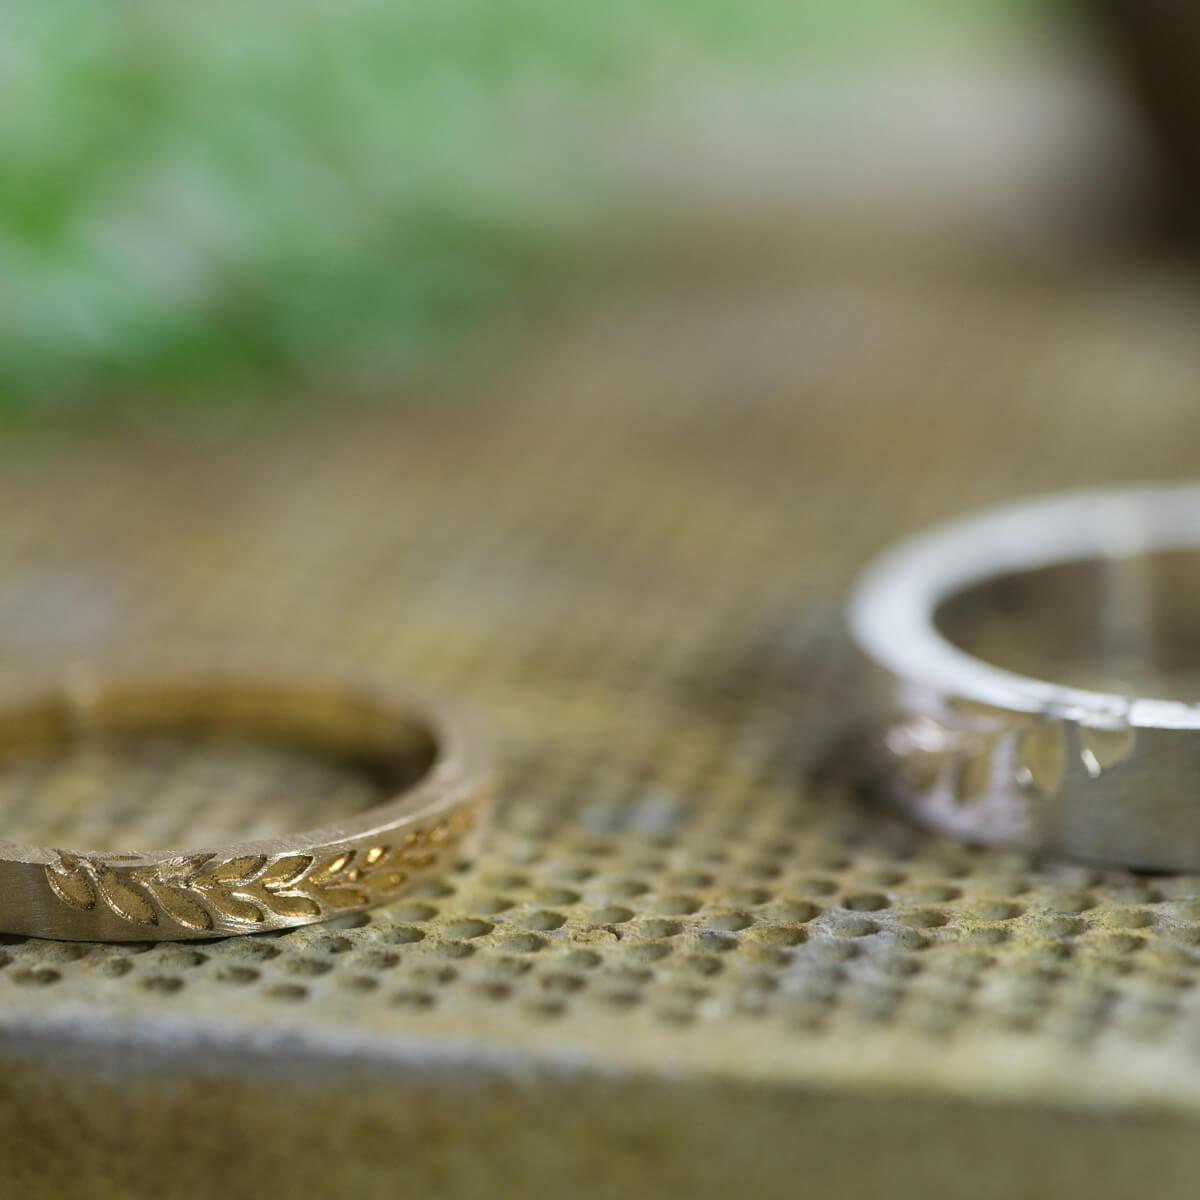 オーダーメイドマリッジリングの制作風景 ジュエリーのアトリエ 結婚指輪2本 ゴールド、シルバー 屋久島のシダモチーフ 屋久島でつくる結婚指輪